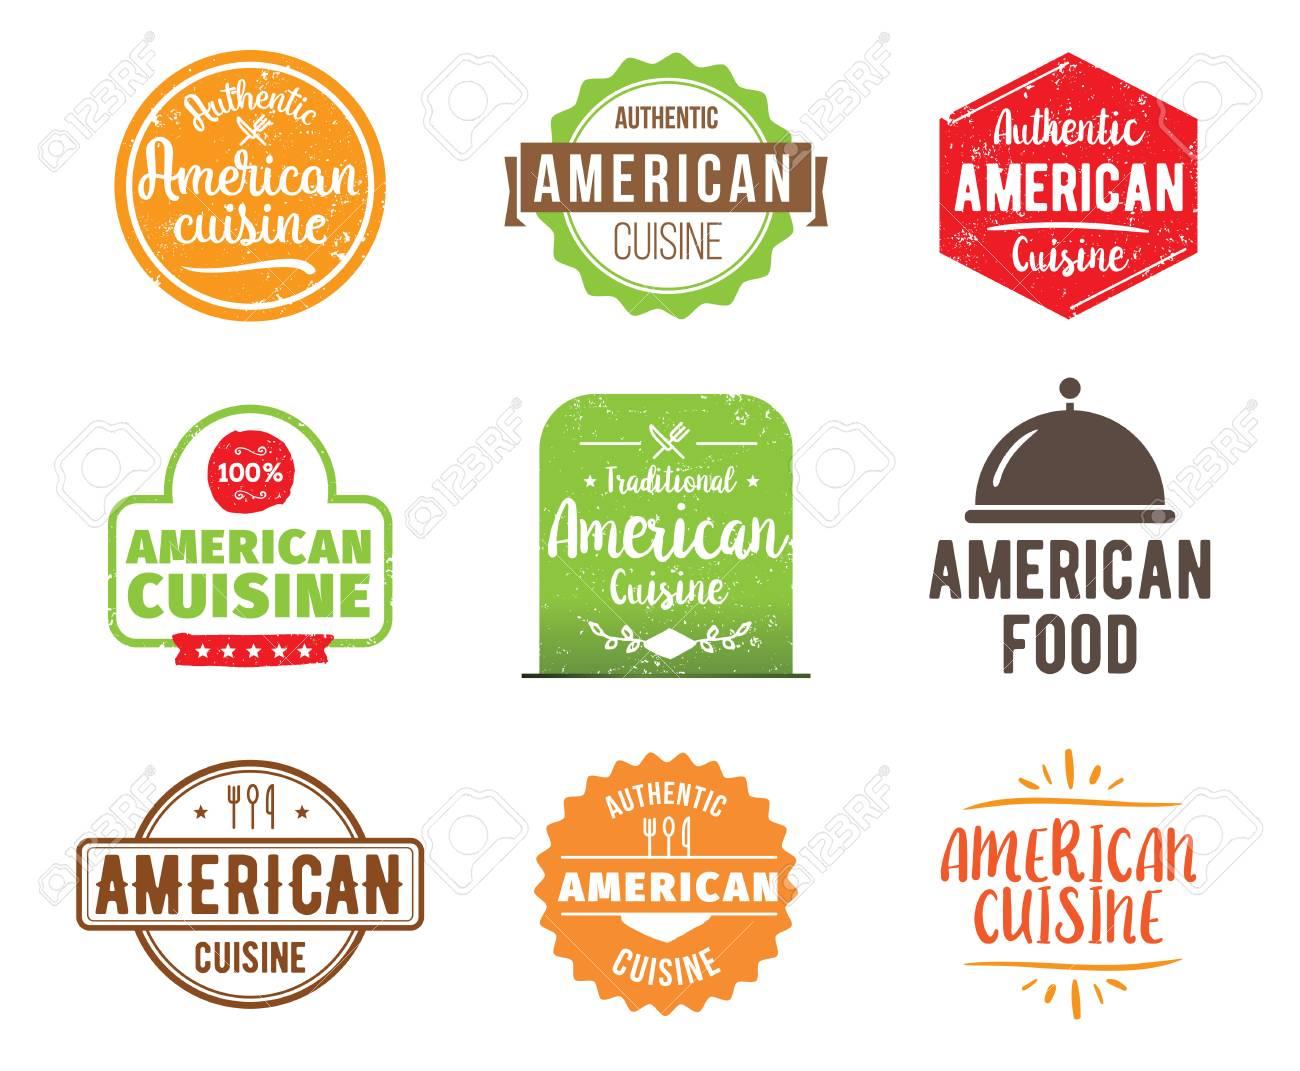 Cocina Americana Comida Tradicional Autentico Se Encuentra El